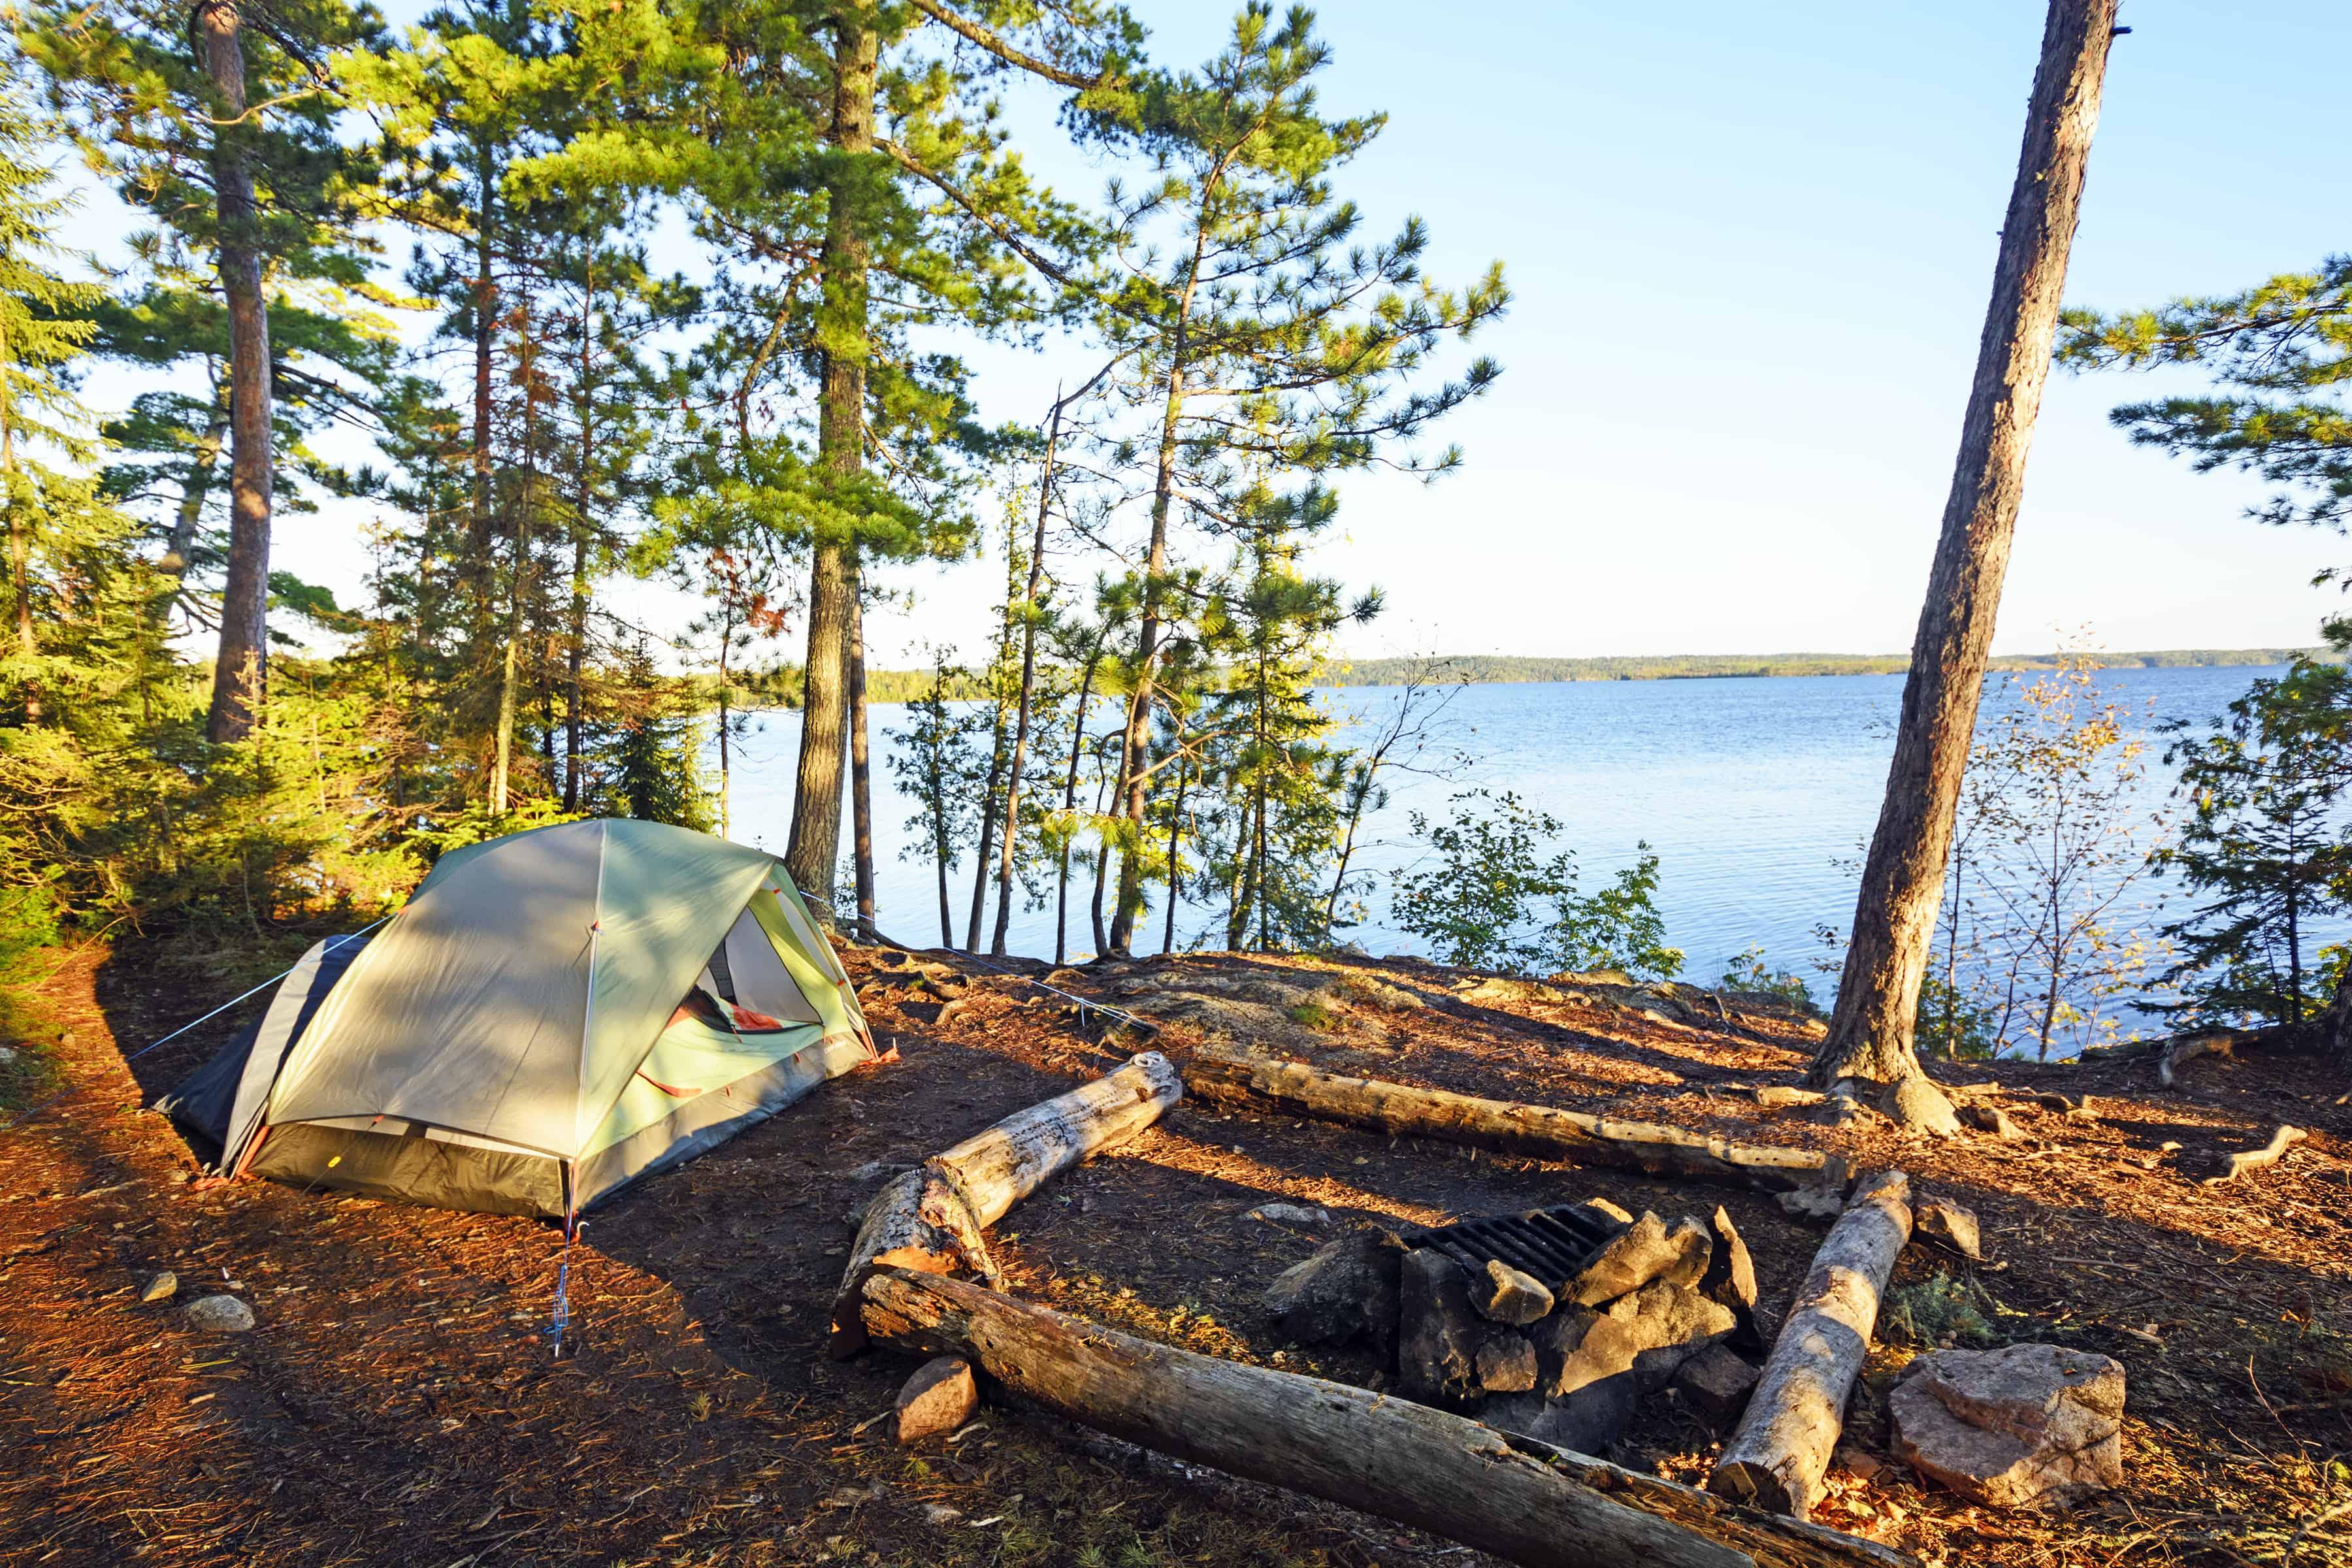 50 Free Campsites in British Columbia - Explore Magazine